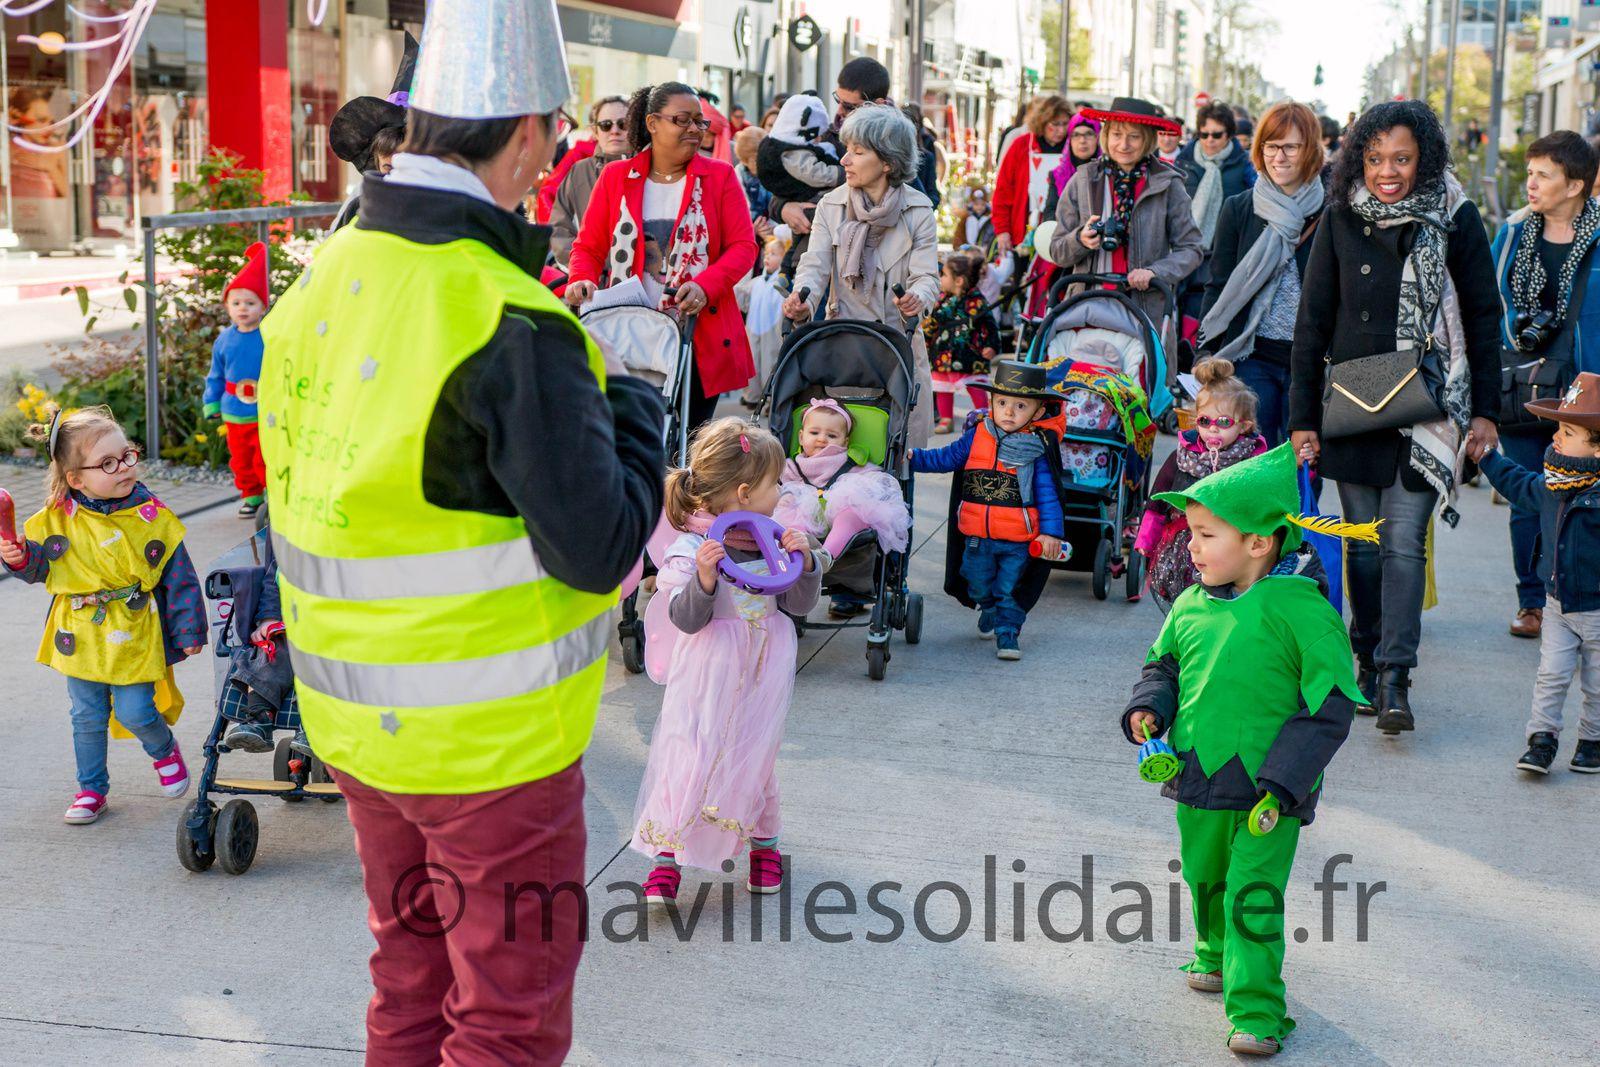 La Roche-sur-Yon. Une centaine d'enfants défilent pour le carnaval